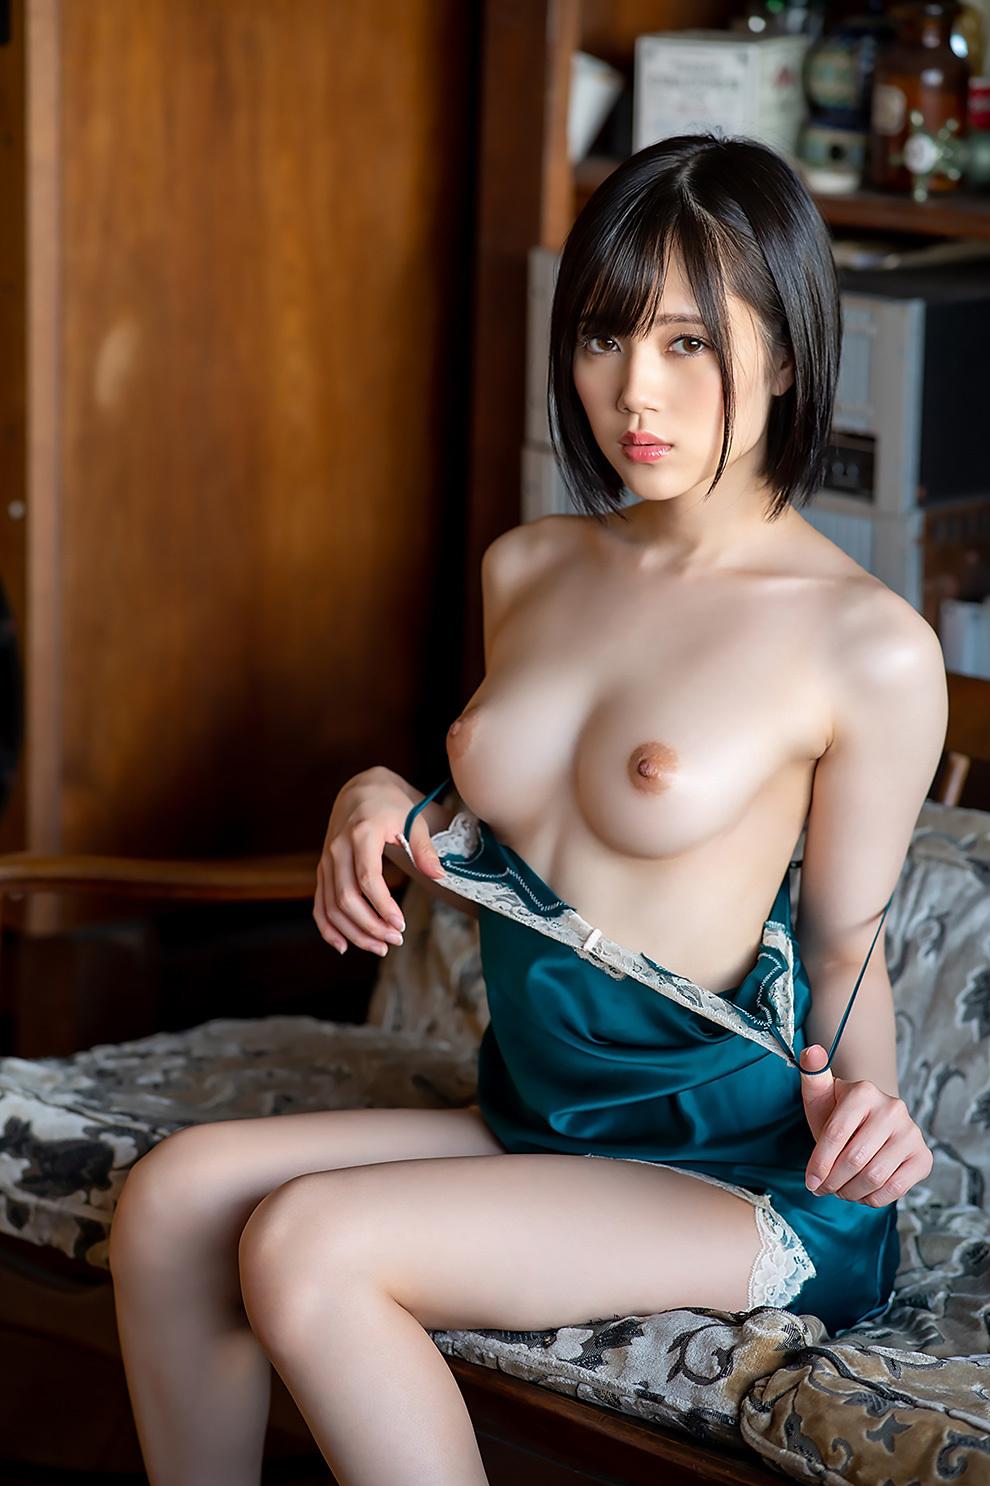 三次元 3次元 エロ画像AV女優 涼森れむ ヌード べっぴん娘通信 018